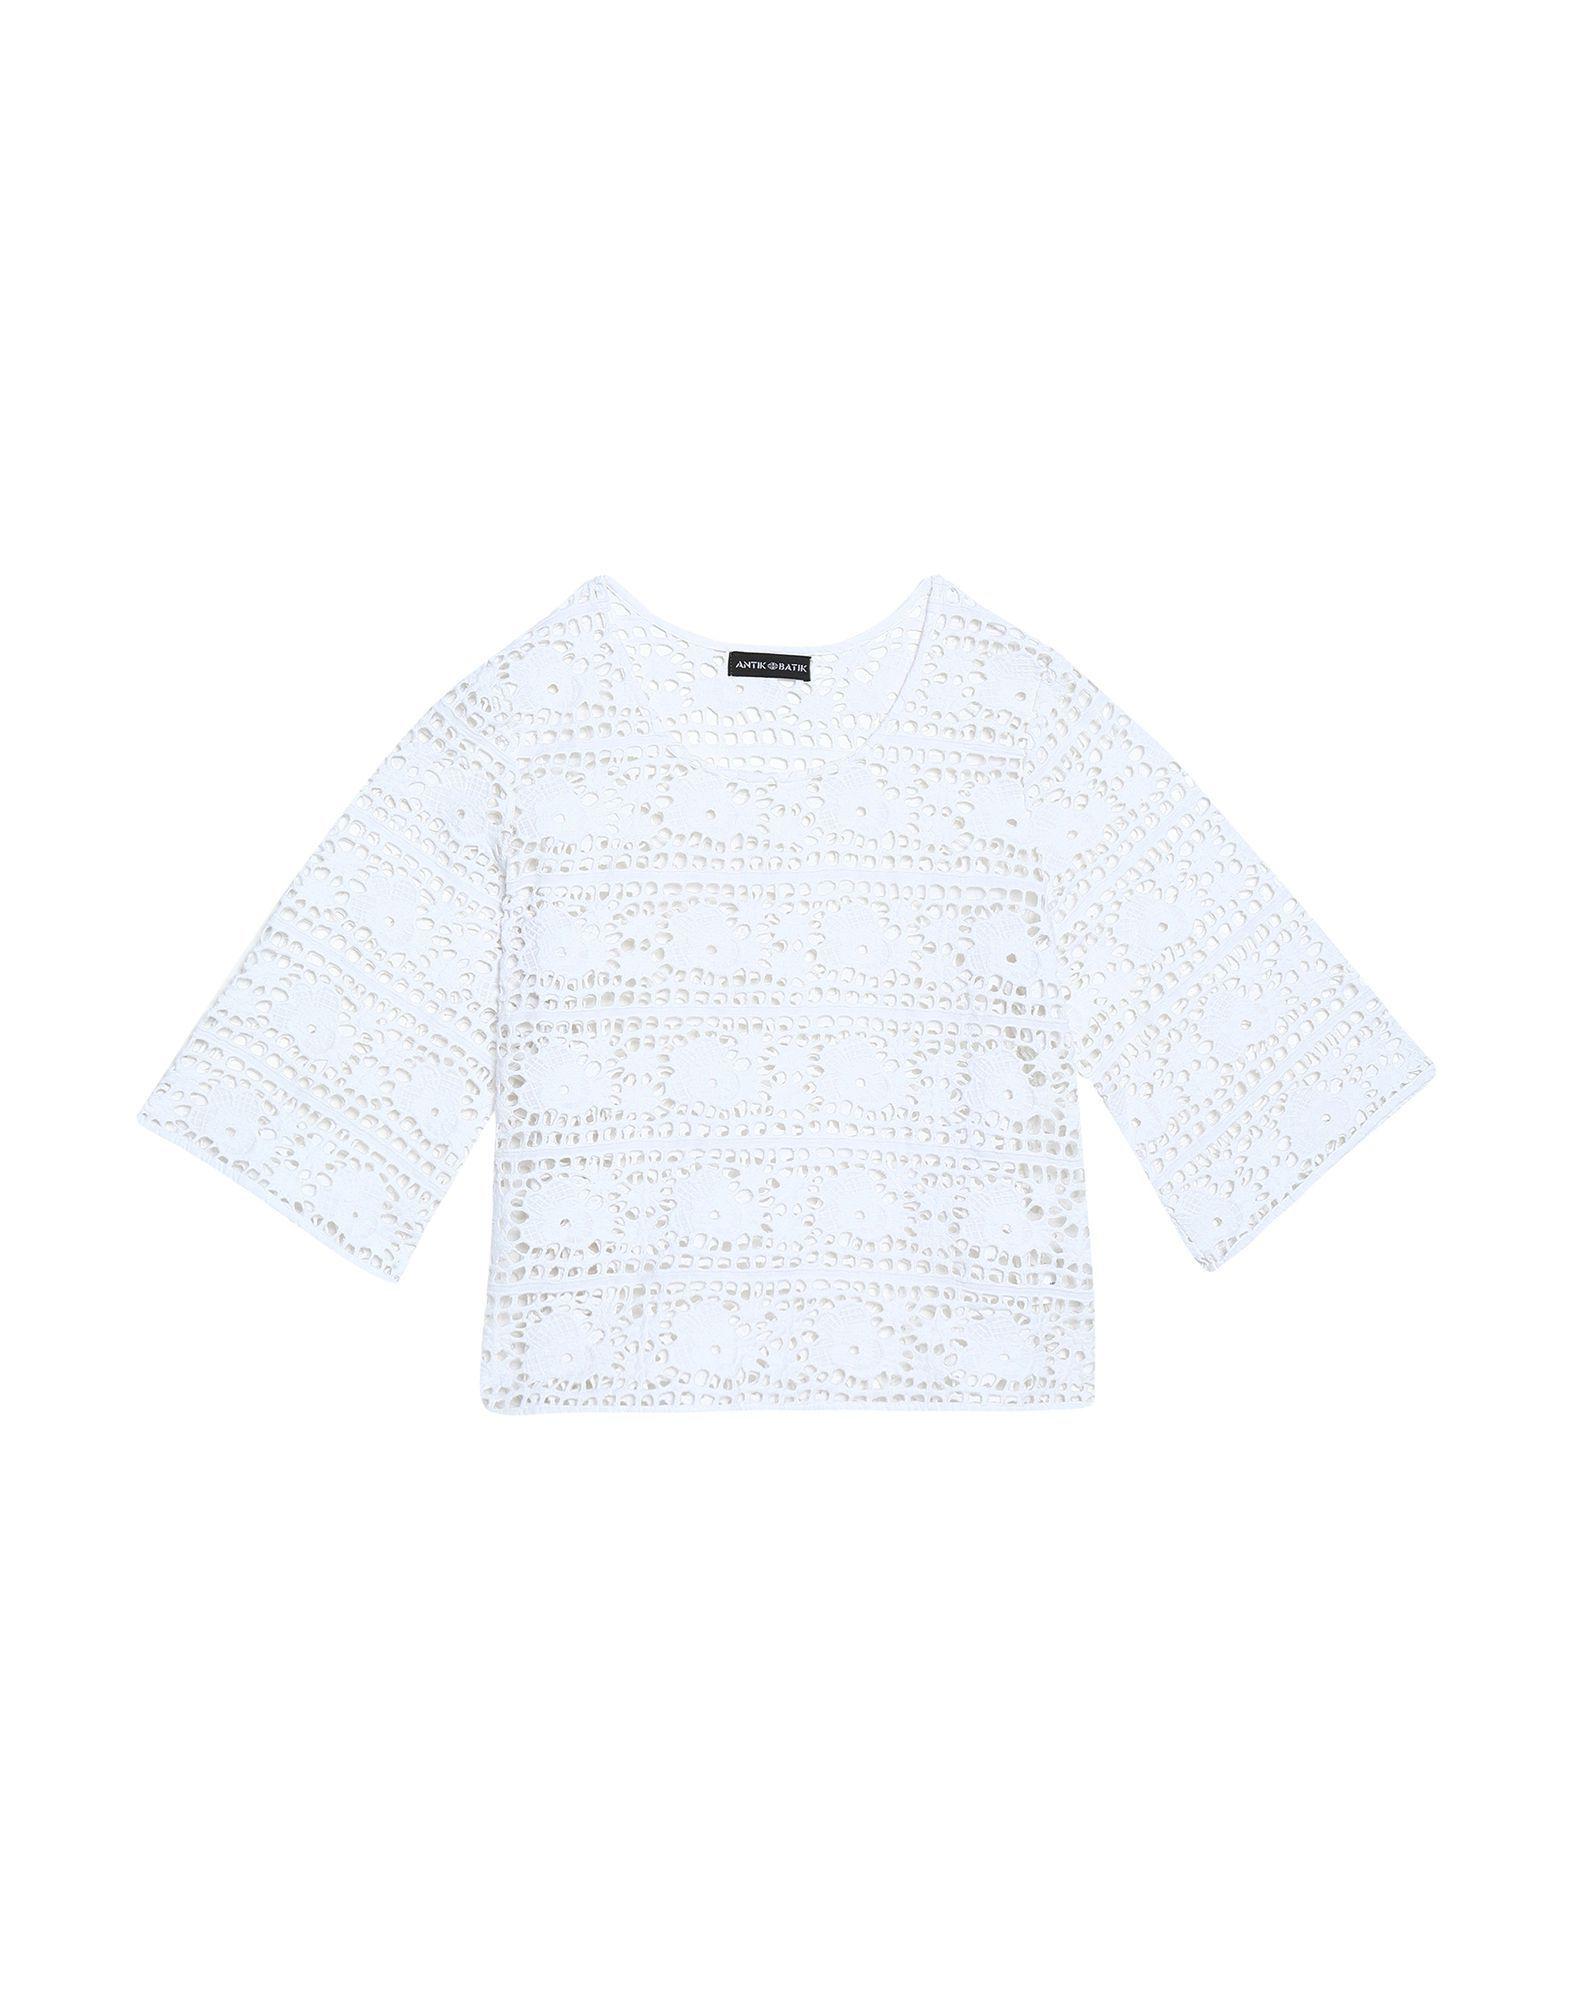 Antik Batik White Cotton Lace Blouse